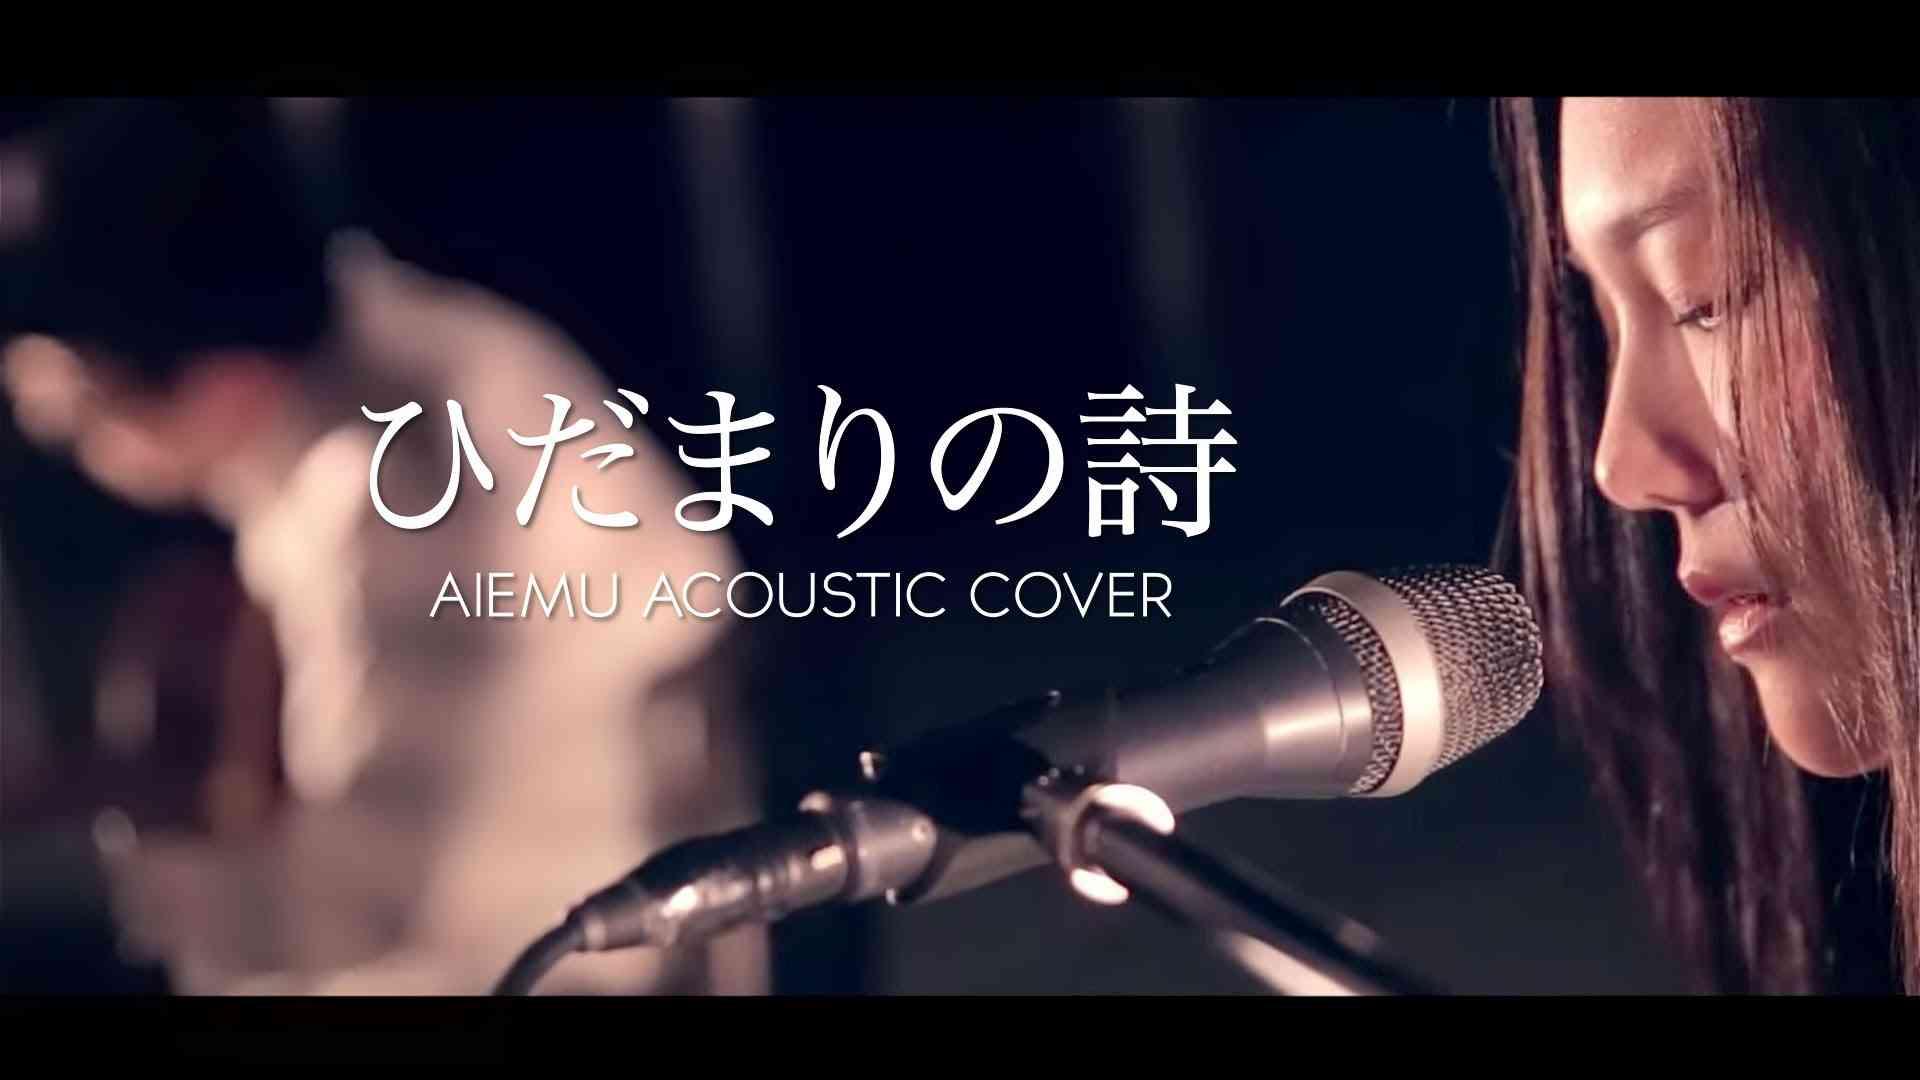 ひだまりの詩 - Le Couple(愛笑む acoustic cover) - YouTube